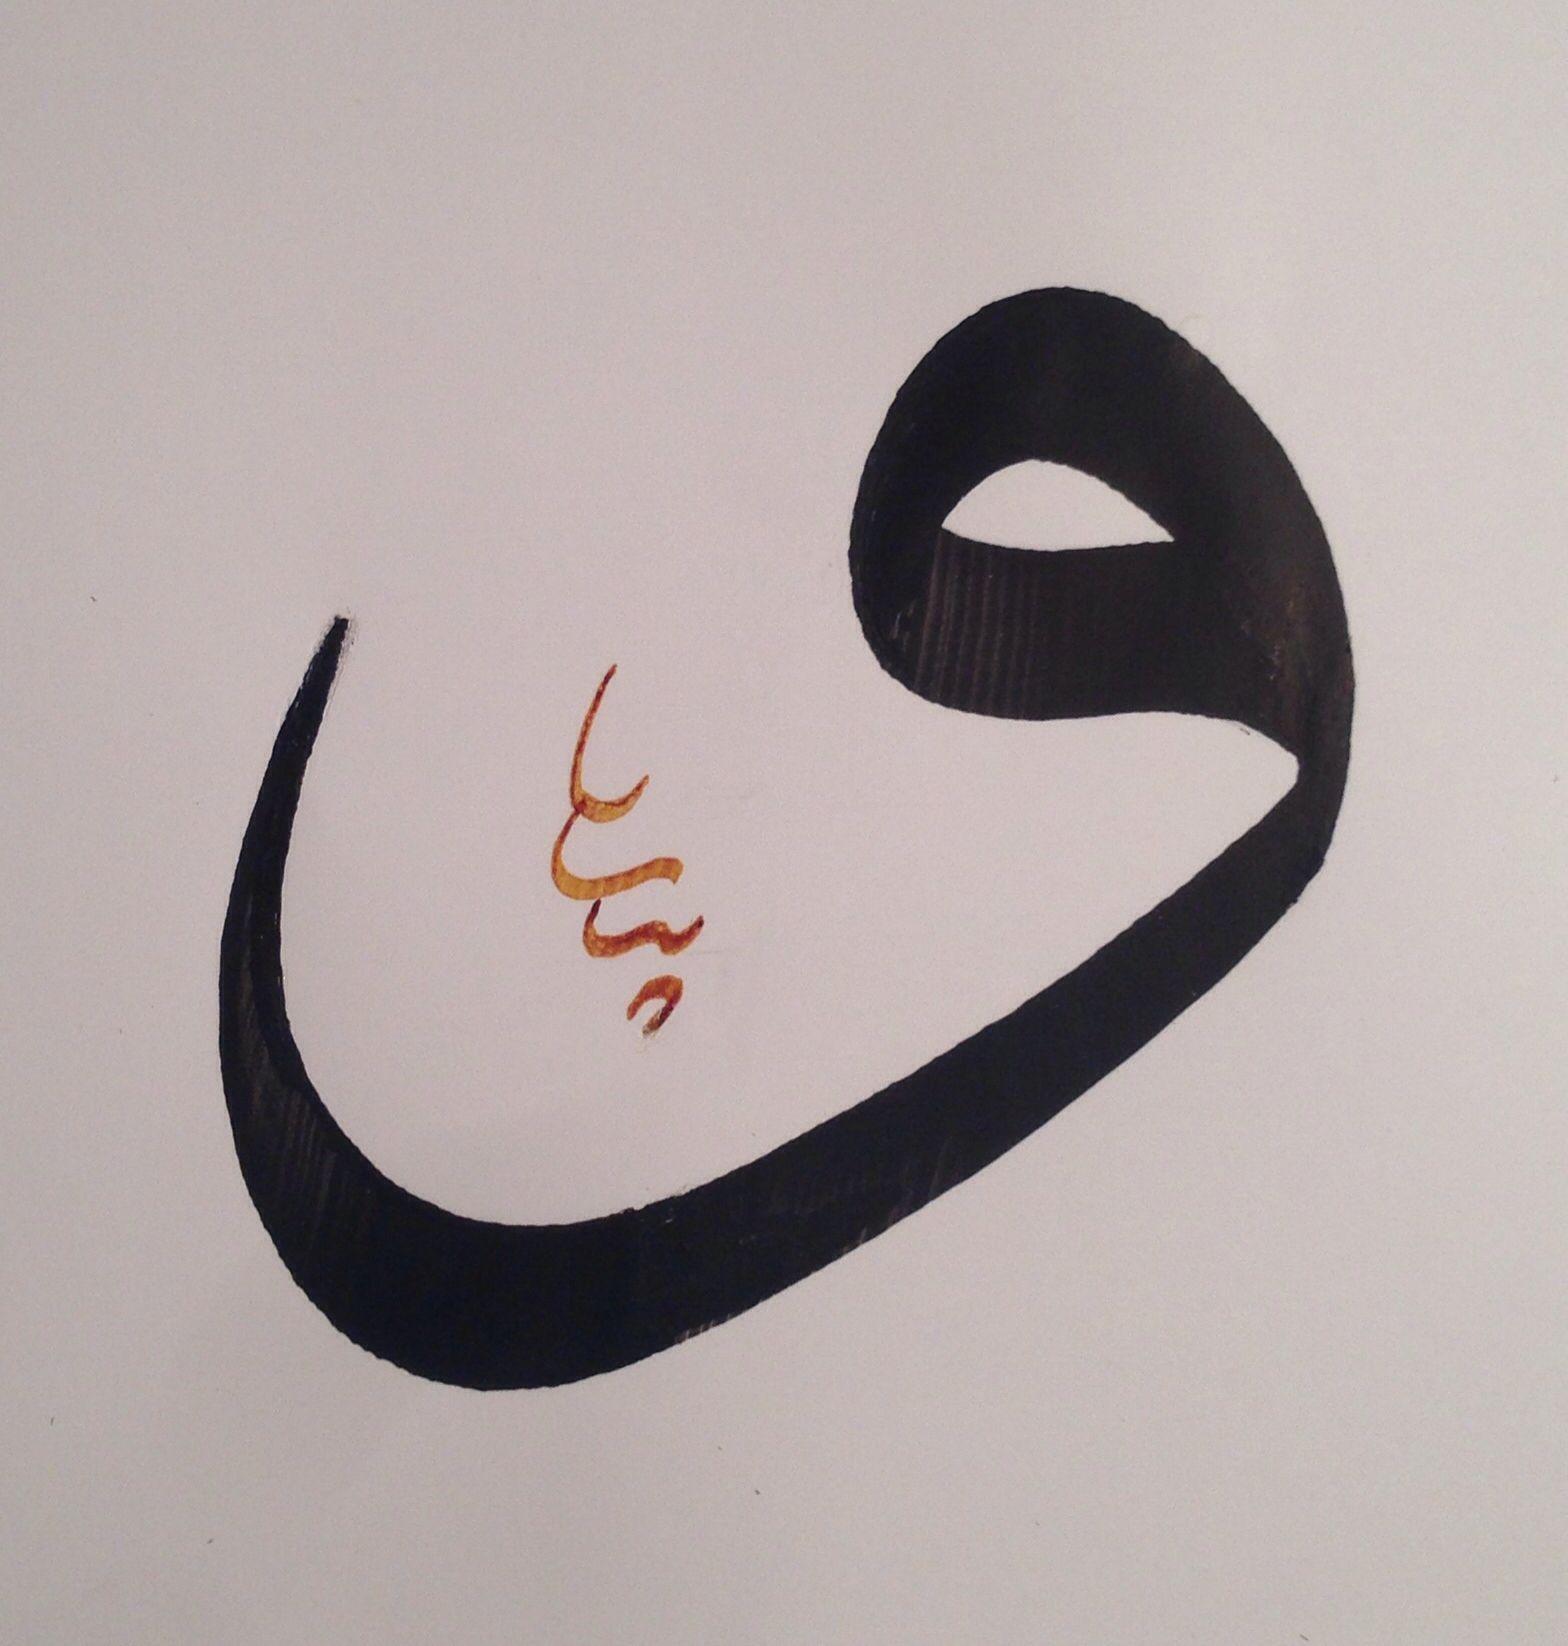 S Harfi Mandala Almas 1snf T Alphabet Coloring